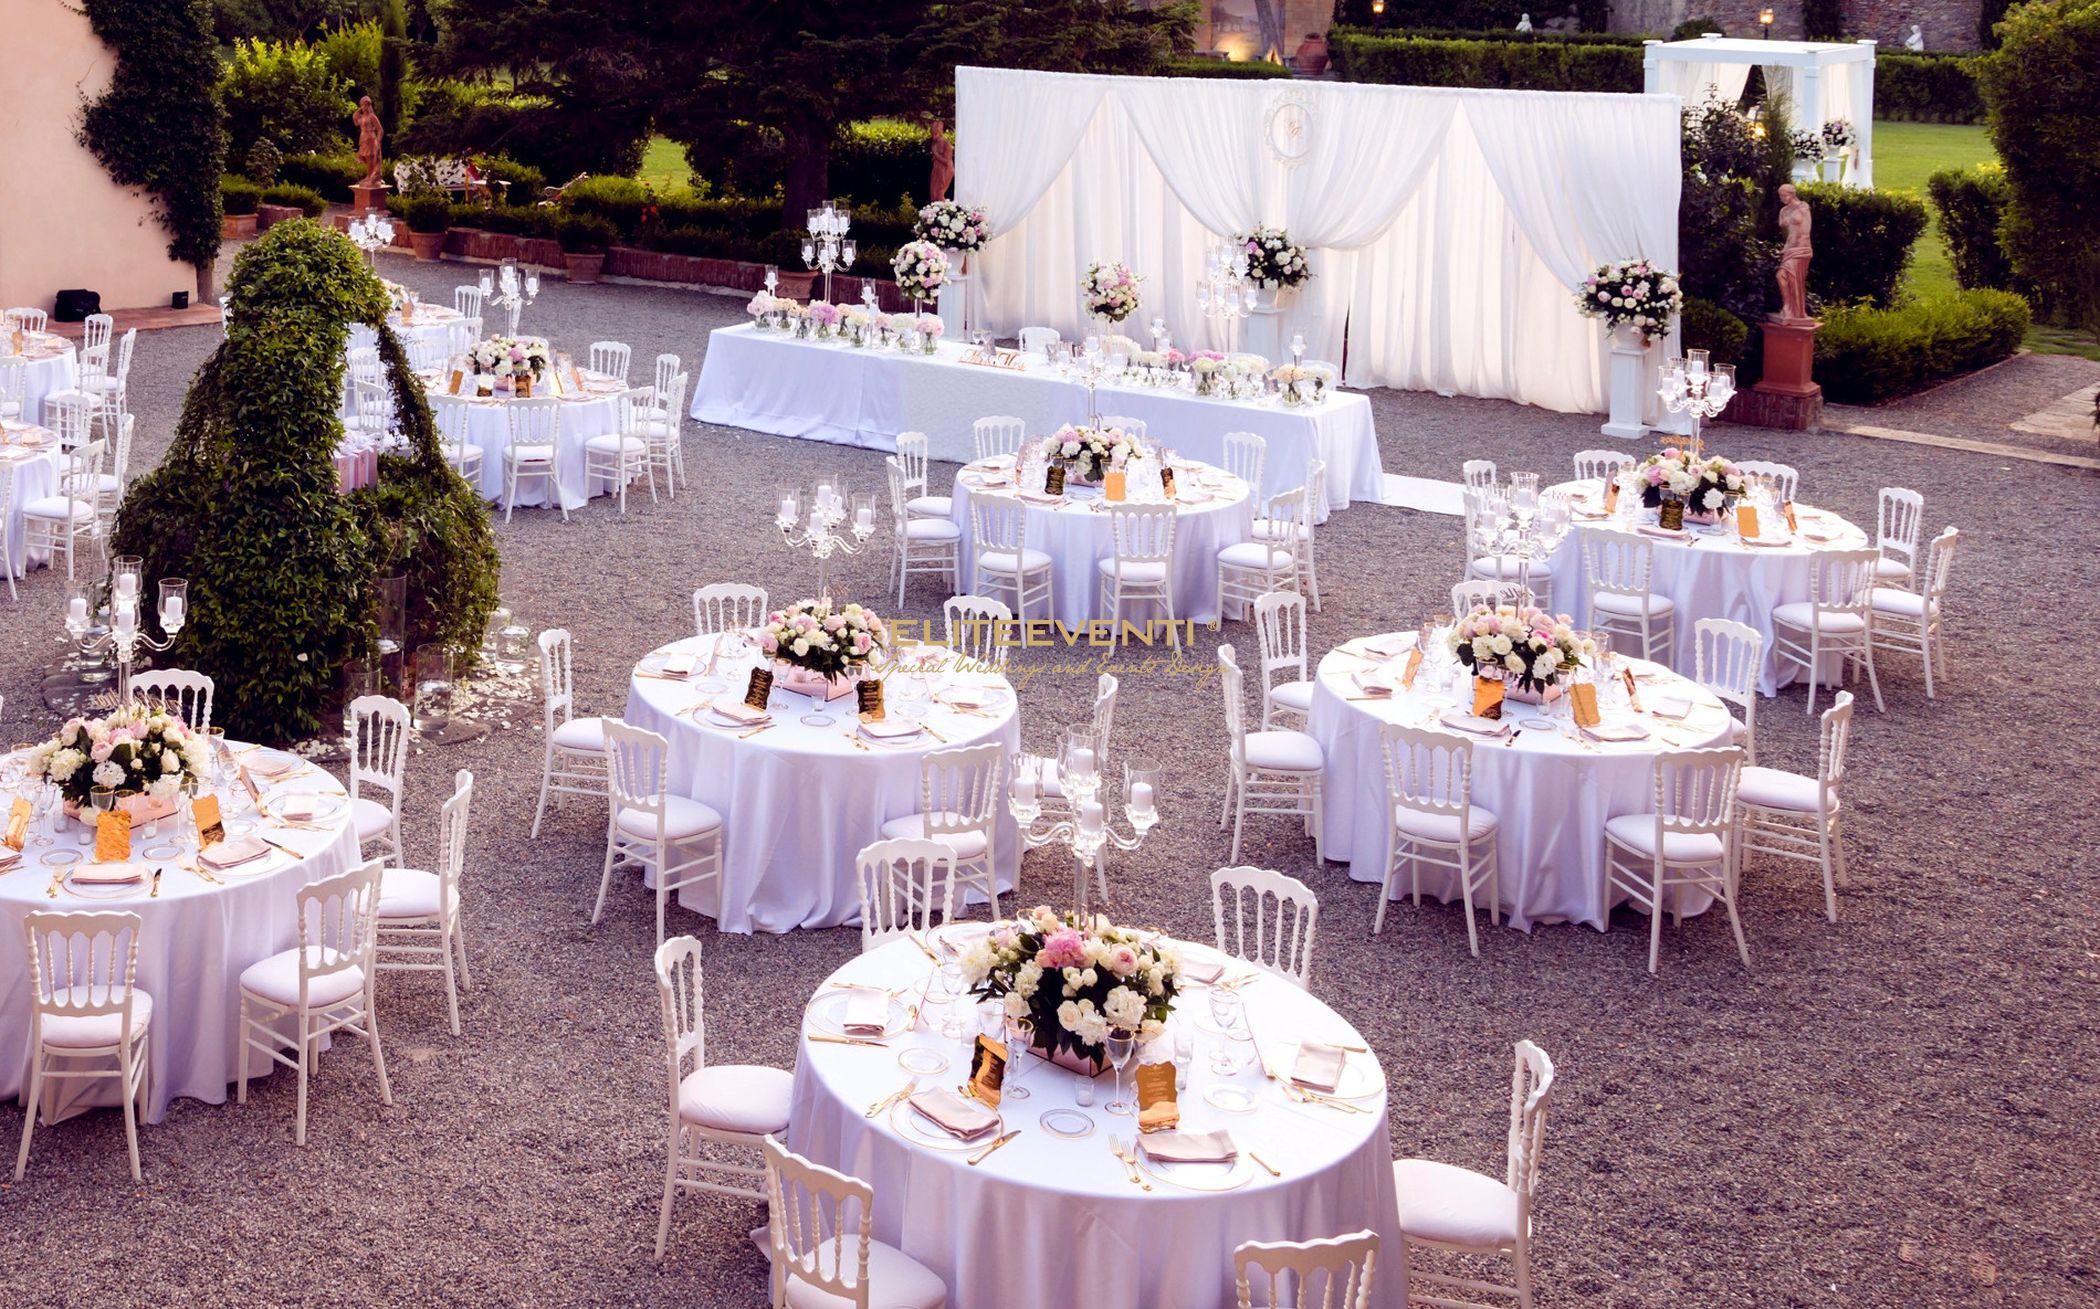 Allestimento matrimonio a Villa Scorzi (Pisa) - By Eliteeventi